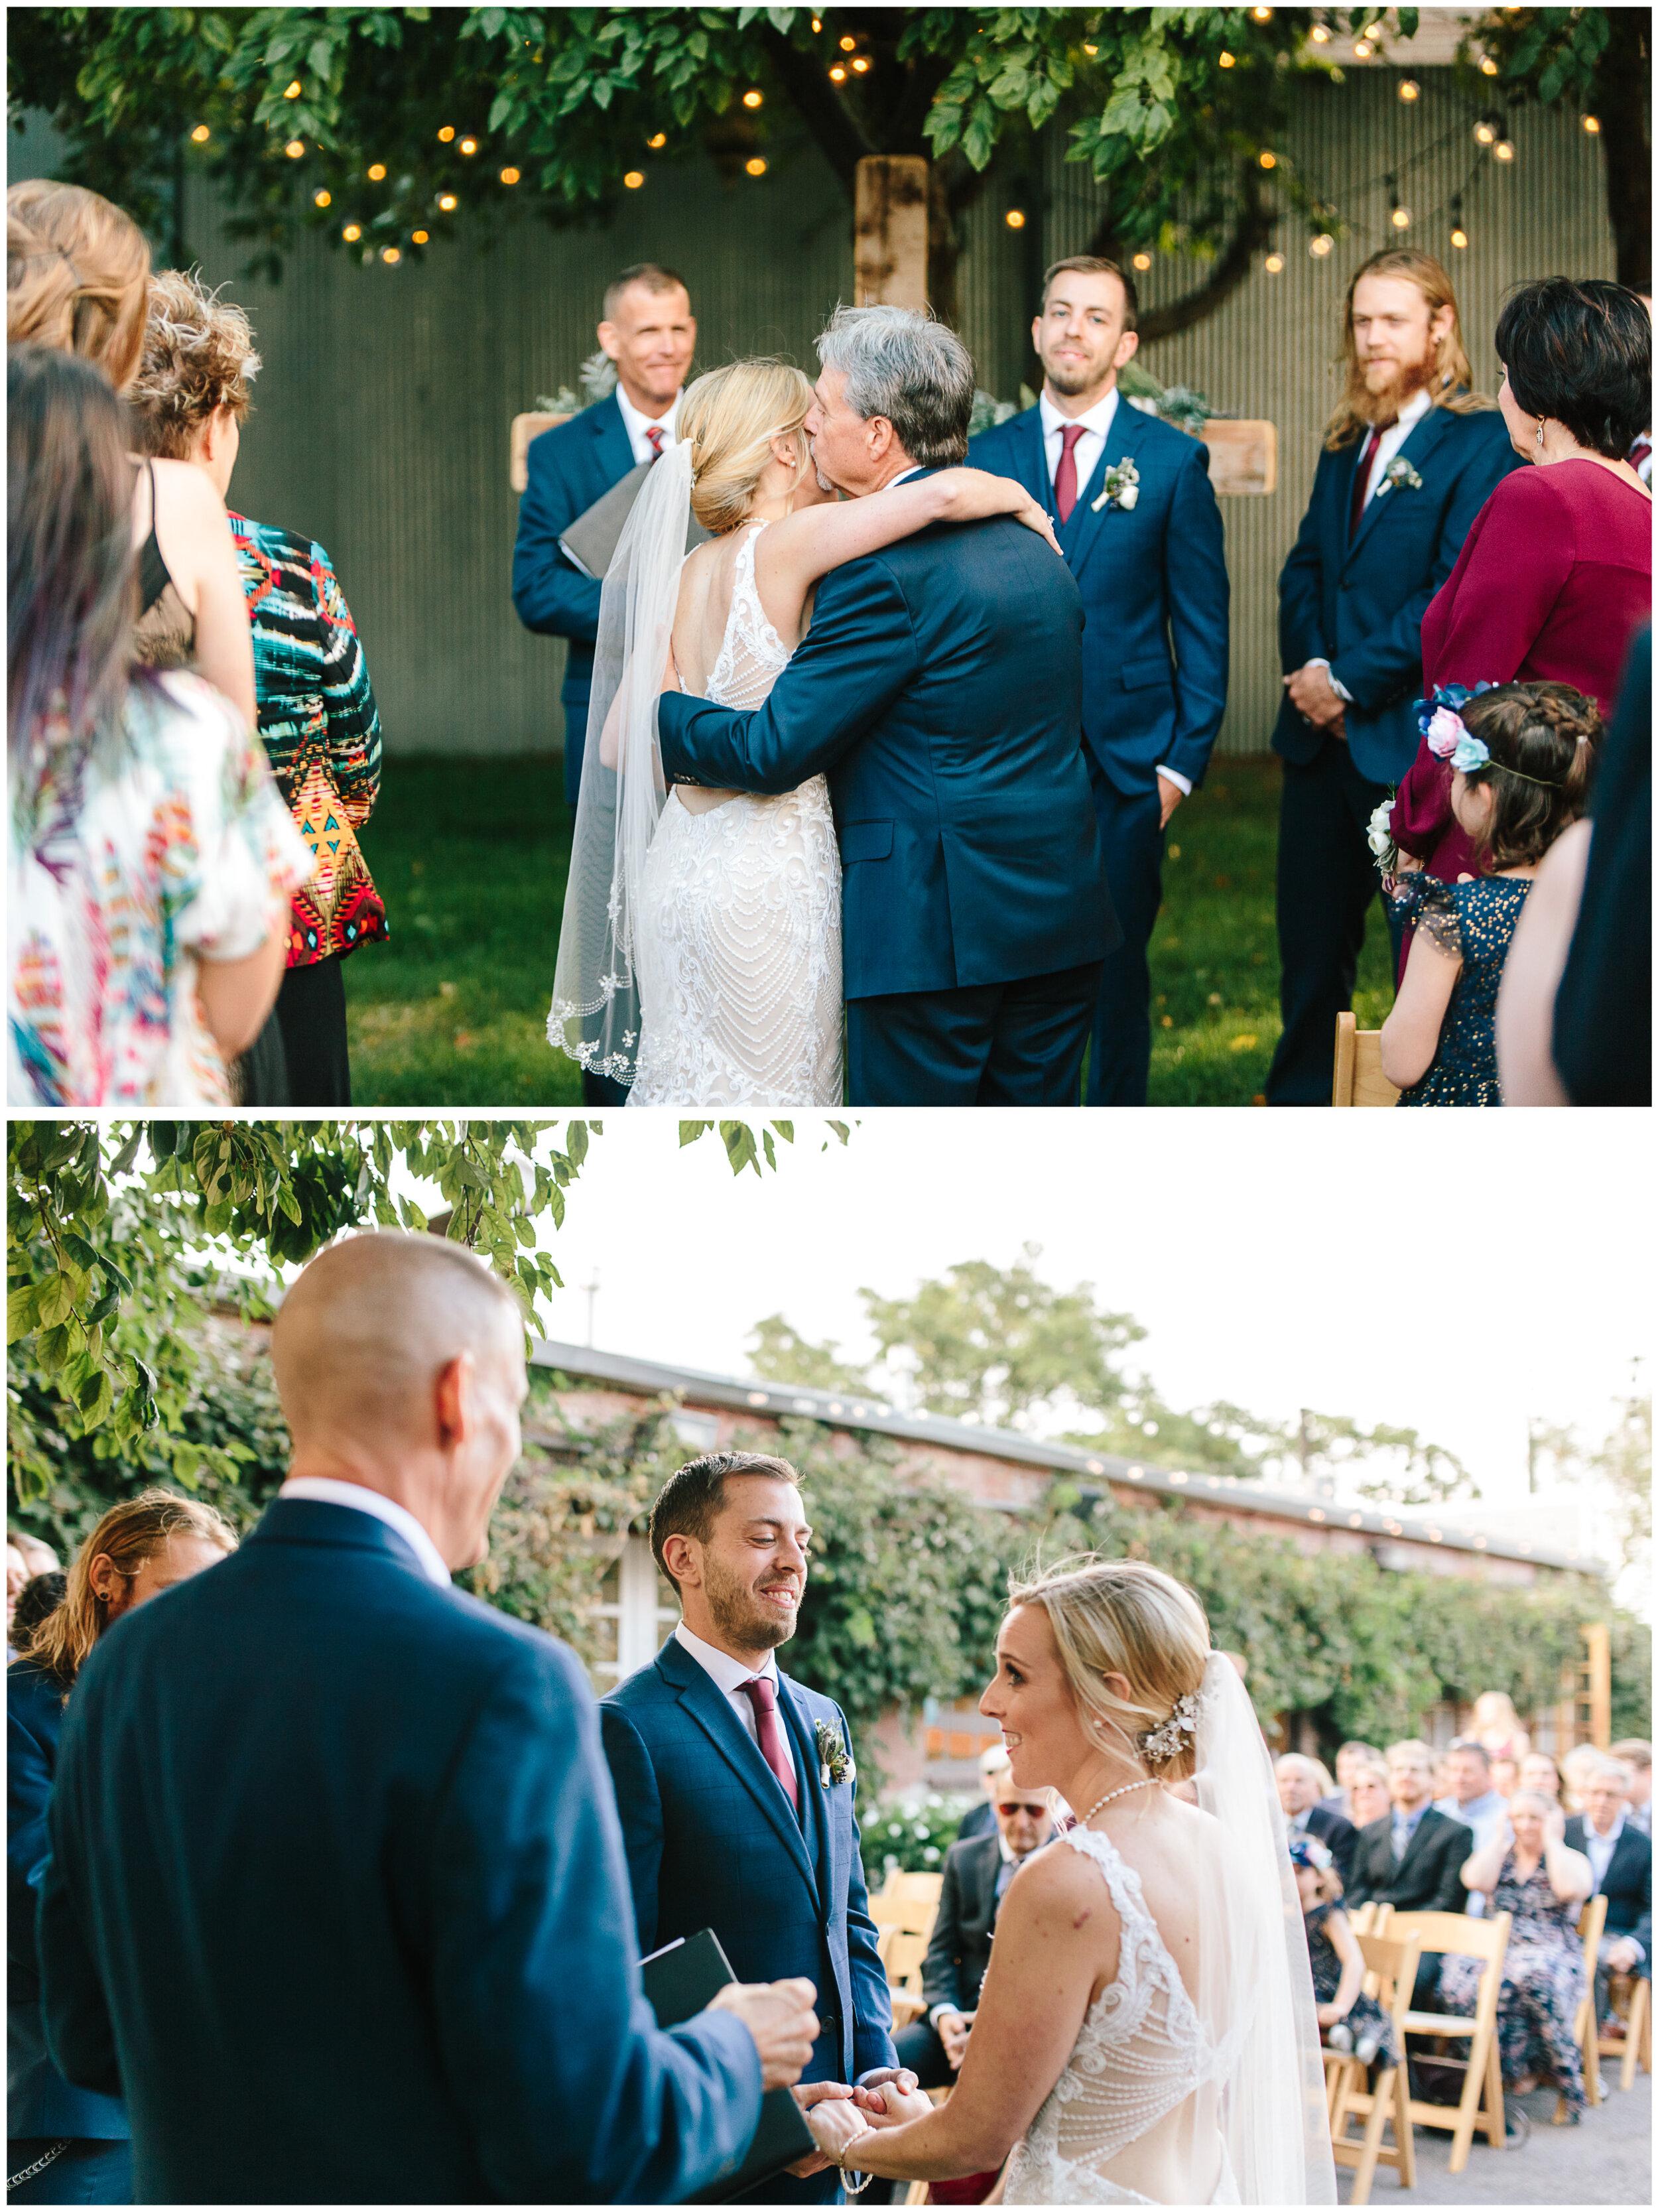 Blanc_Denver_Wedding_45.jpg